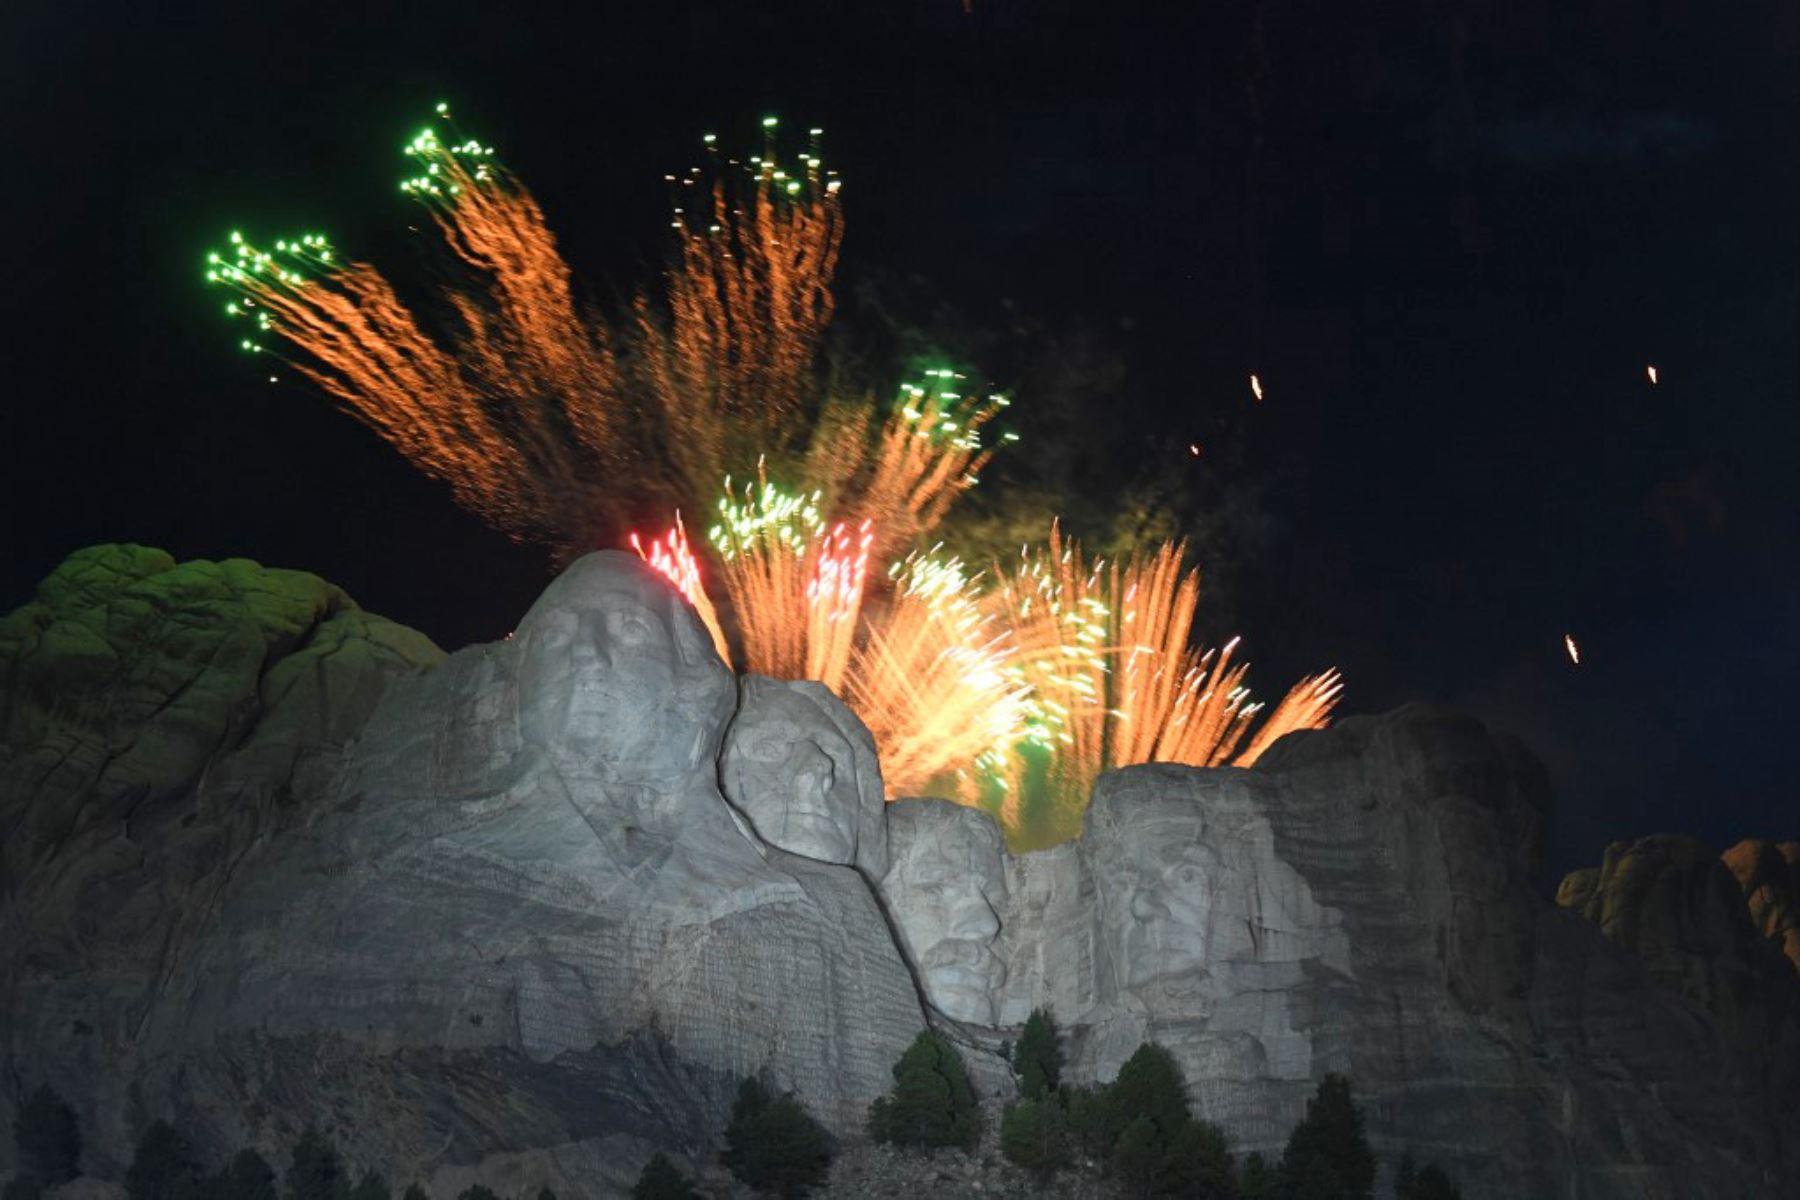 Los fuegos artificiales iluminan el cielo sobre el monumento nacional del monte Rushmore cerca de Keystone, Dakota del Sur. Foto: AFP